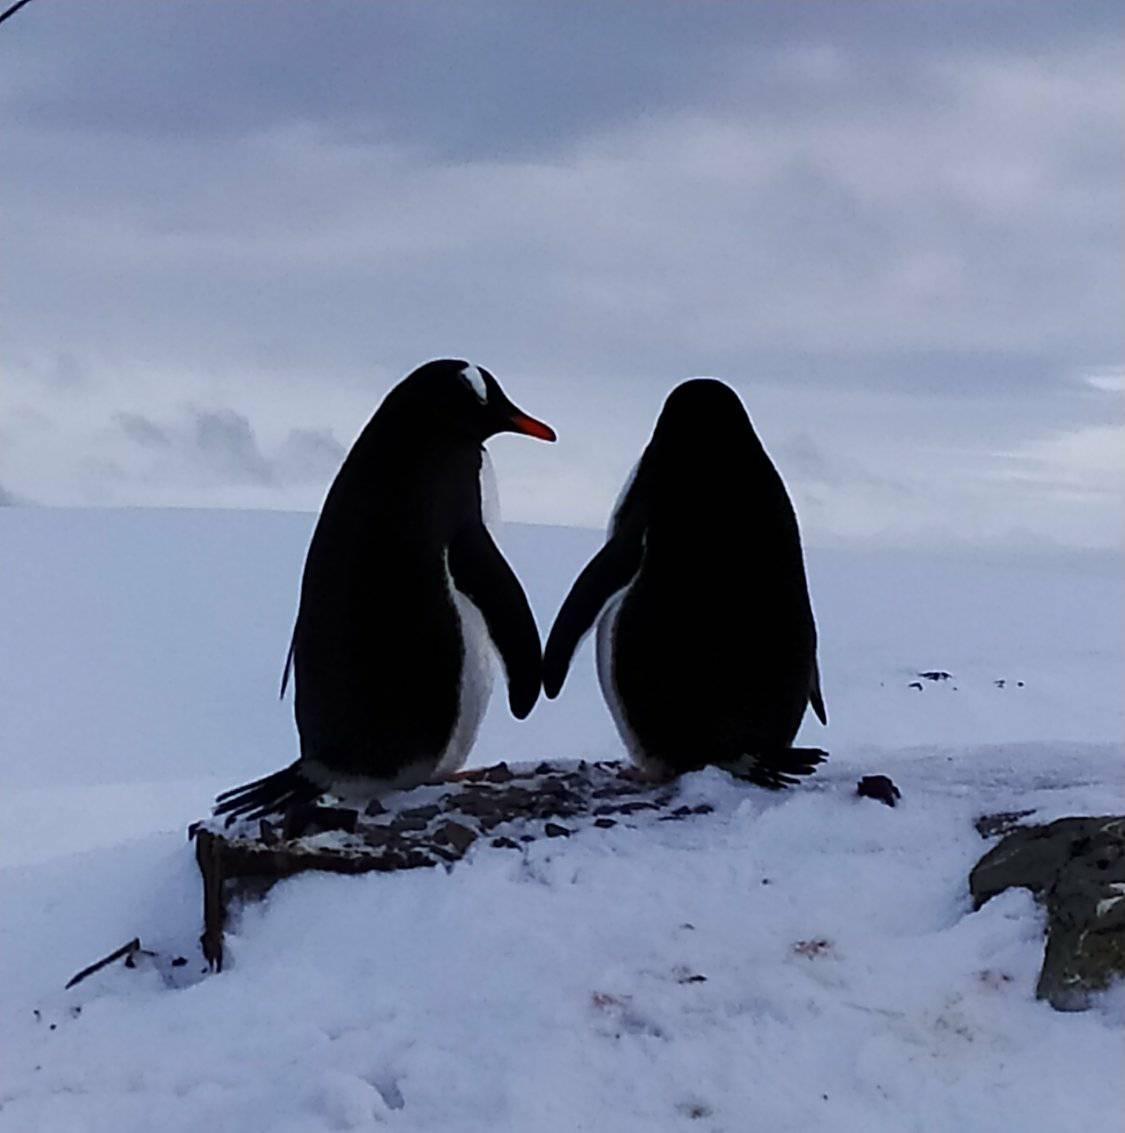 Визначено переможців науково-освітнього проєкту «Вчителі та учні беруть участь в екологічному моніторингу Антарктиди»